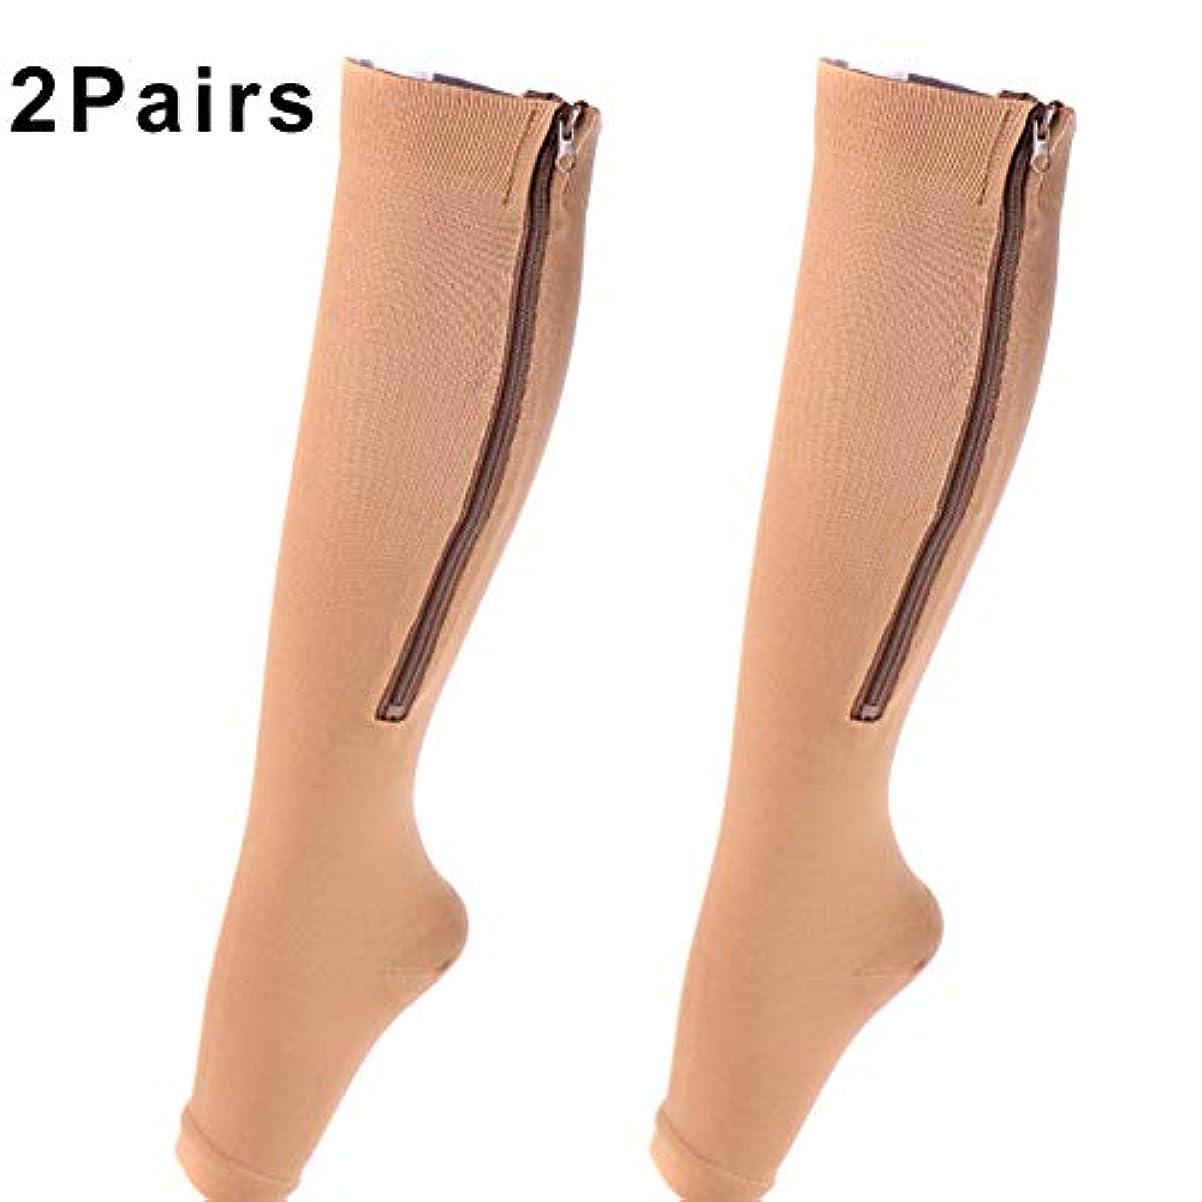 中傷いたずらボートAylincool 圧縮ジップソックス、靴下、足の疲れを減らす、2対圧縮ジップソックス伸縮性のある足のサポートユニセックスオープントゥニーストッキング